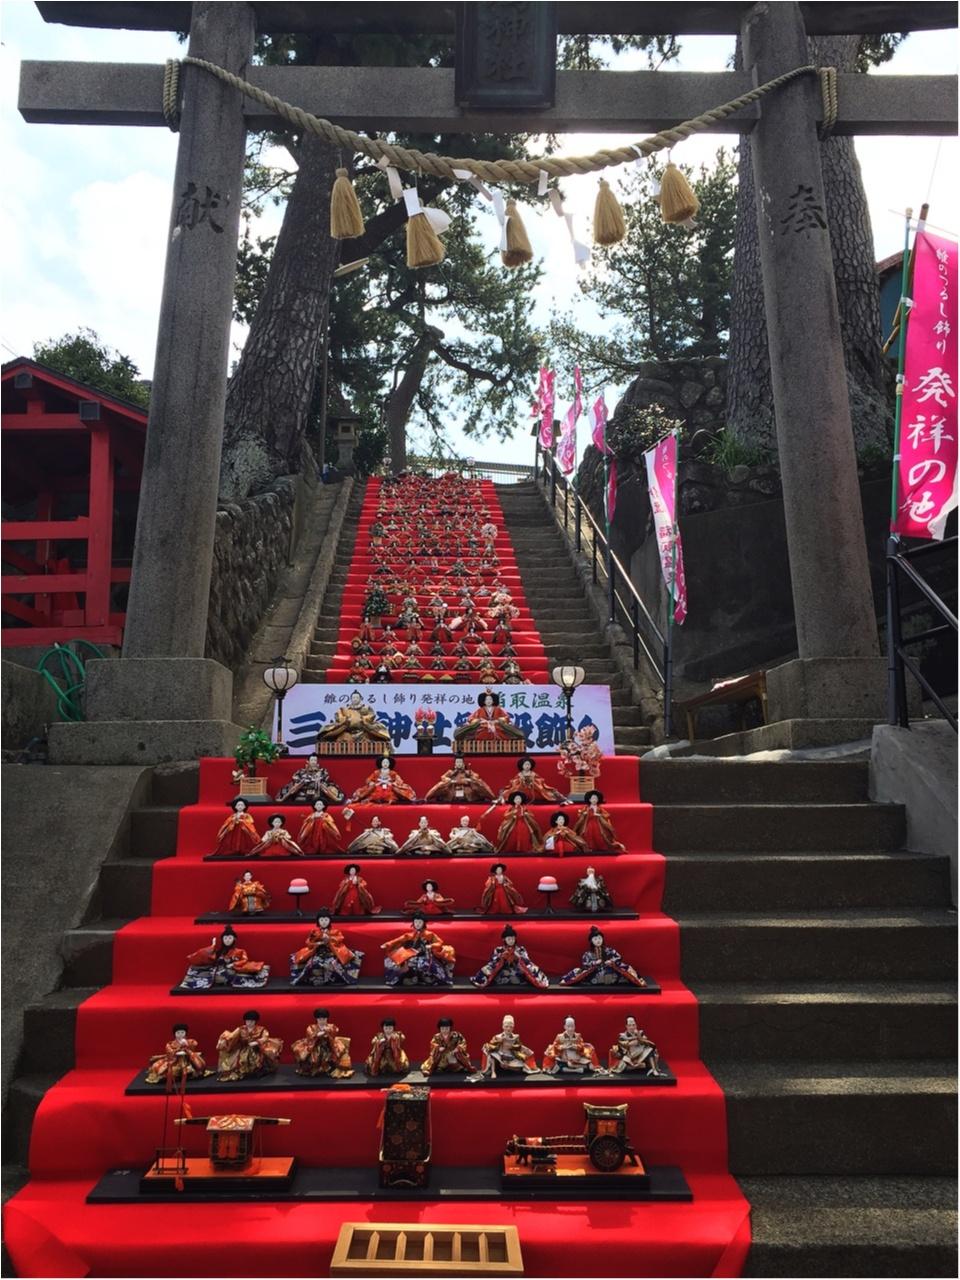 この時期ならではの感動と迫力を!伊豆稲取温泉の『雛のつるし飾り』を見てきました♡*_5